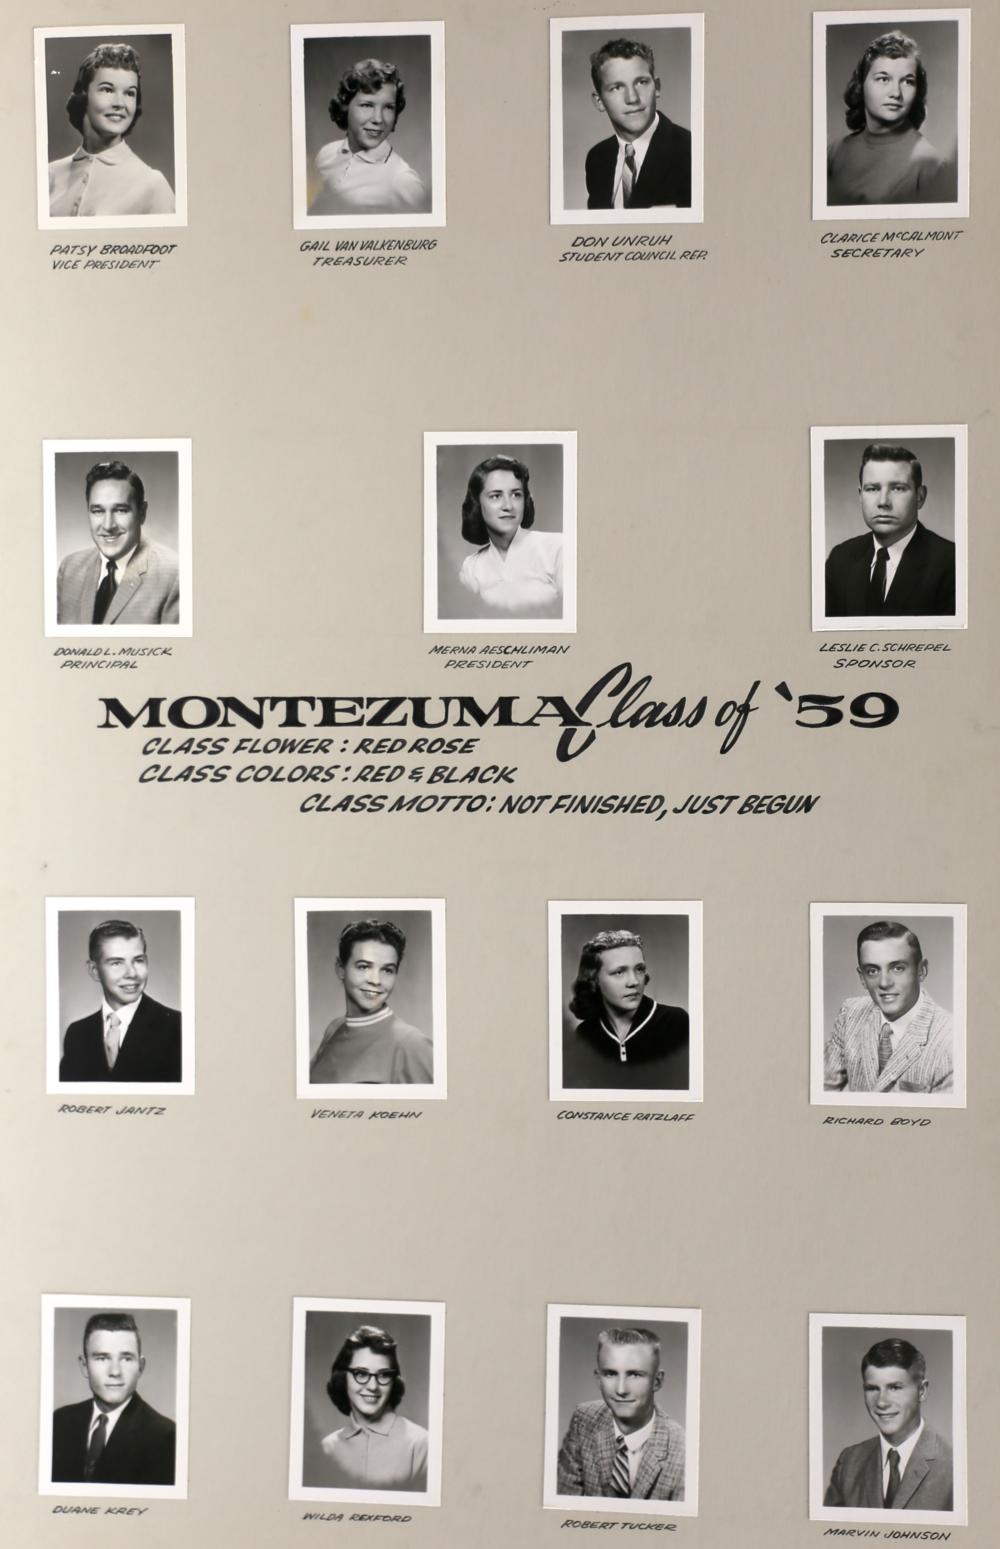 Montezuma GC 1959